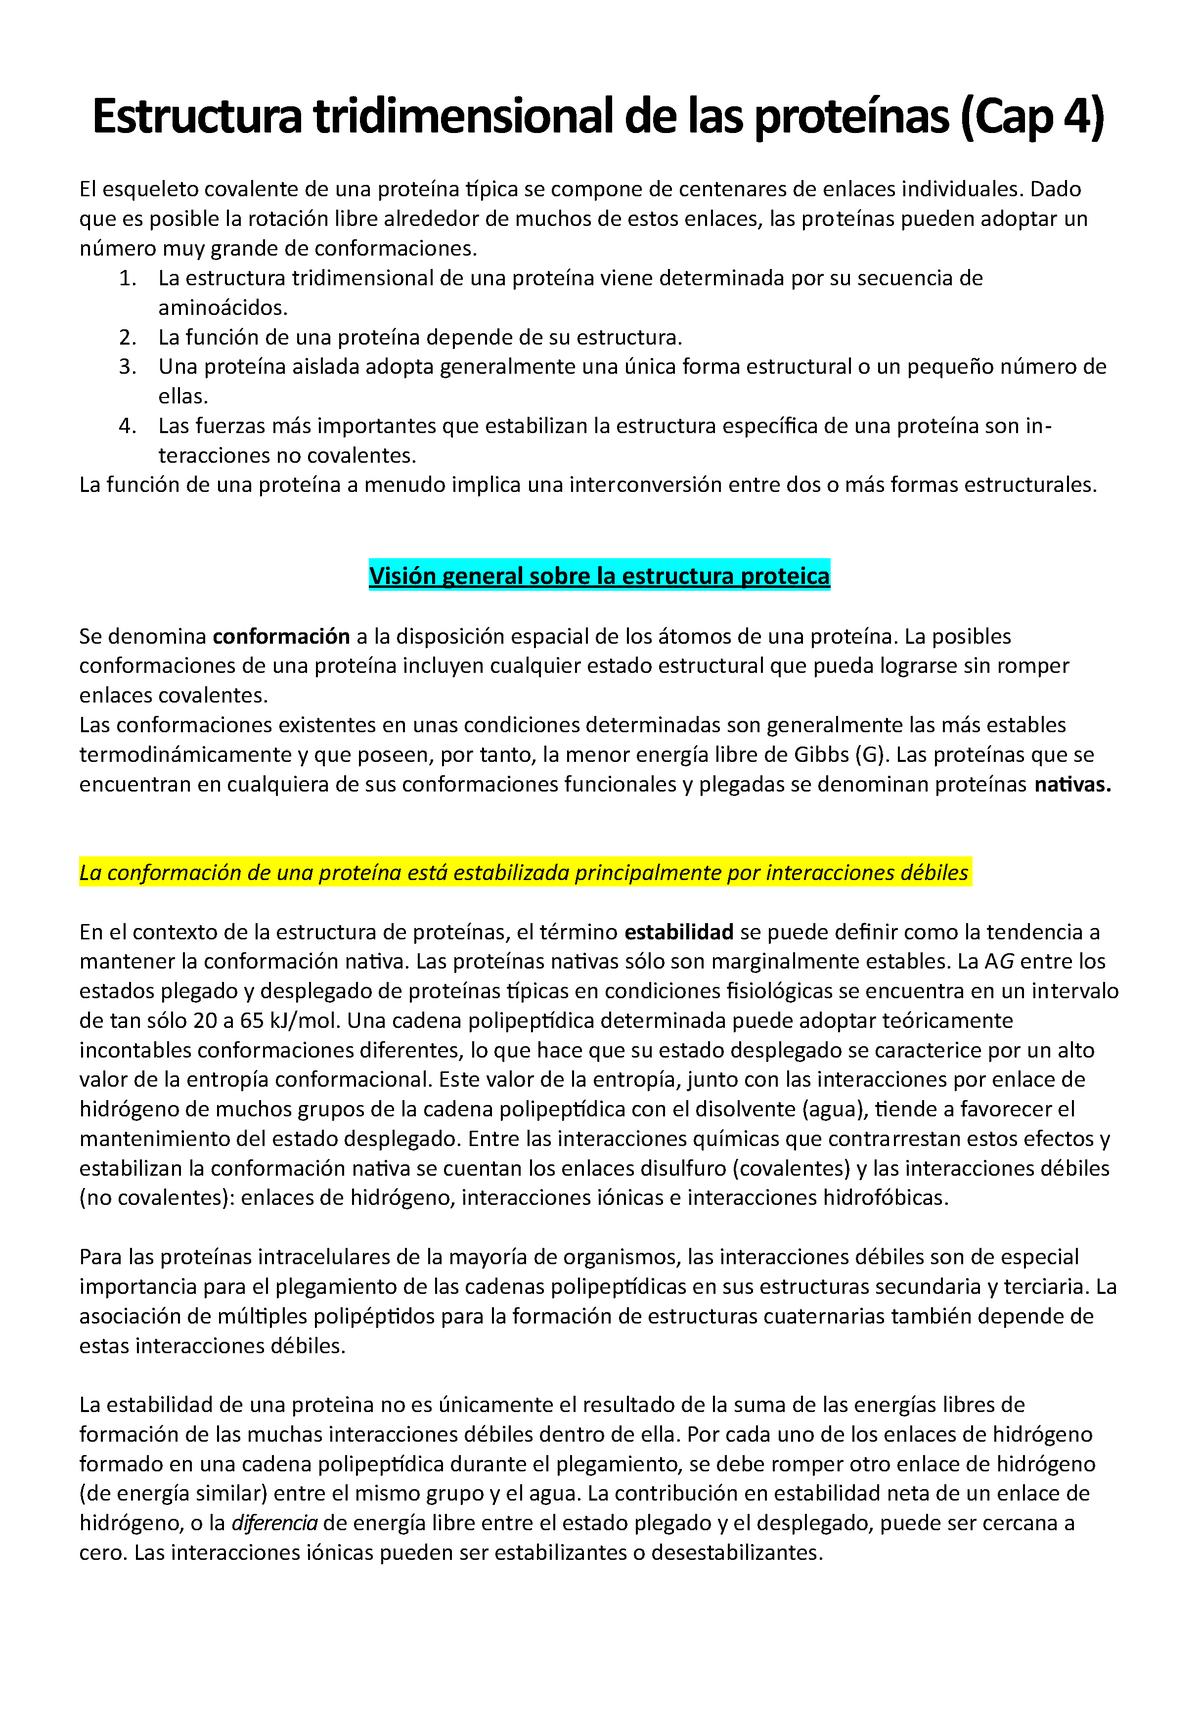 Estructura De Proteinas 2 Bioquímica 505a Udelar Studocu